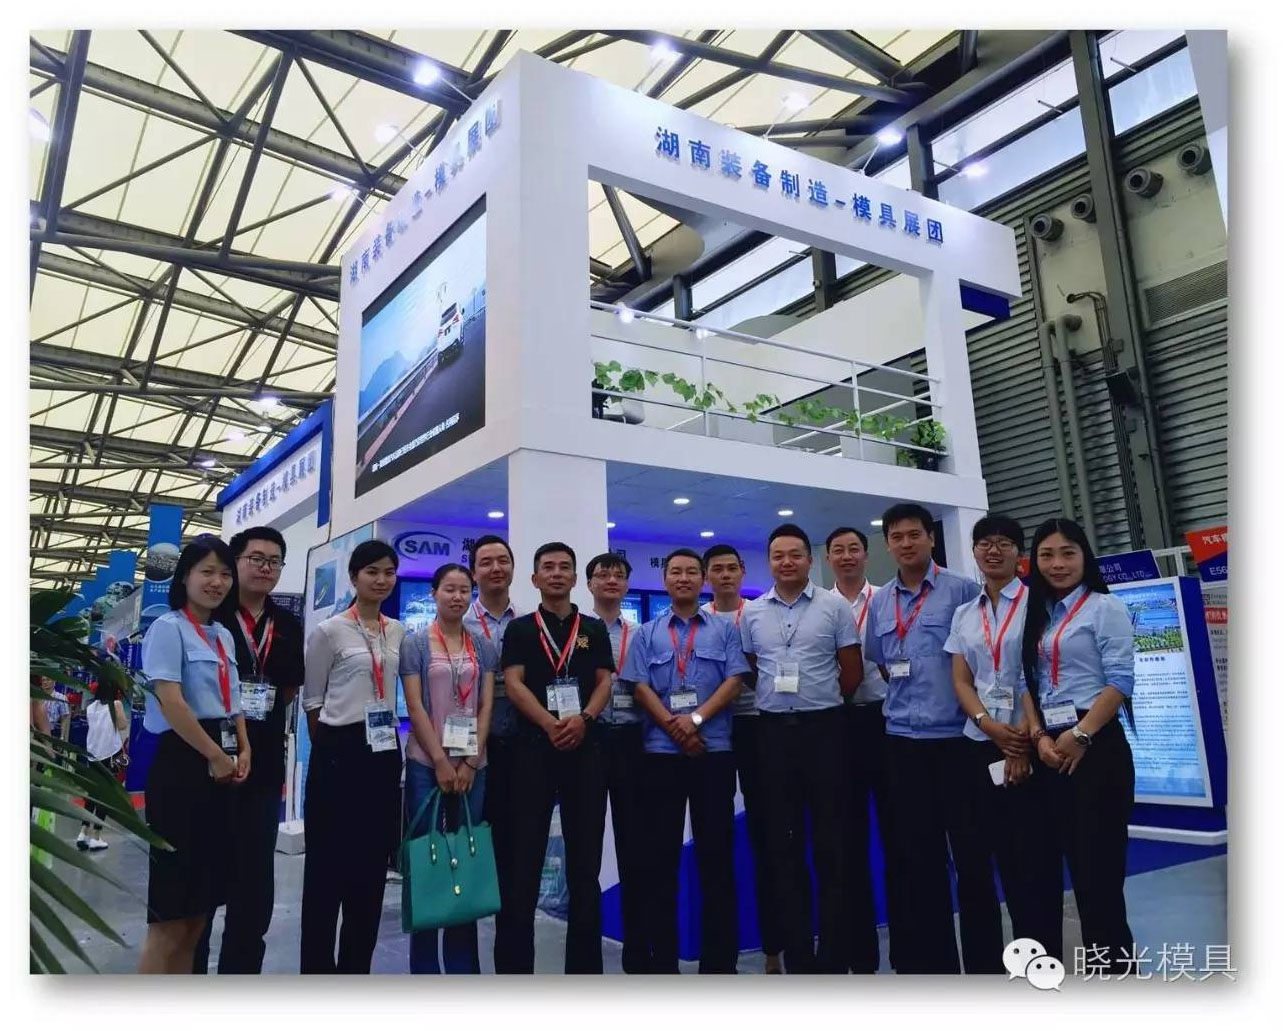 同舟共济谱新篇,开拓创新赢未来 -第十六届DMC中国国际模具展湖南展团报道